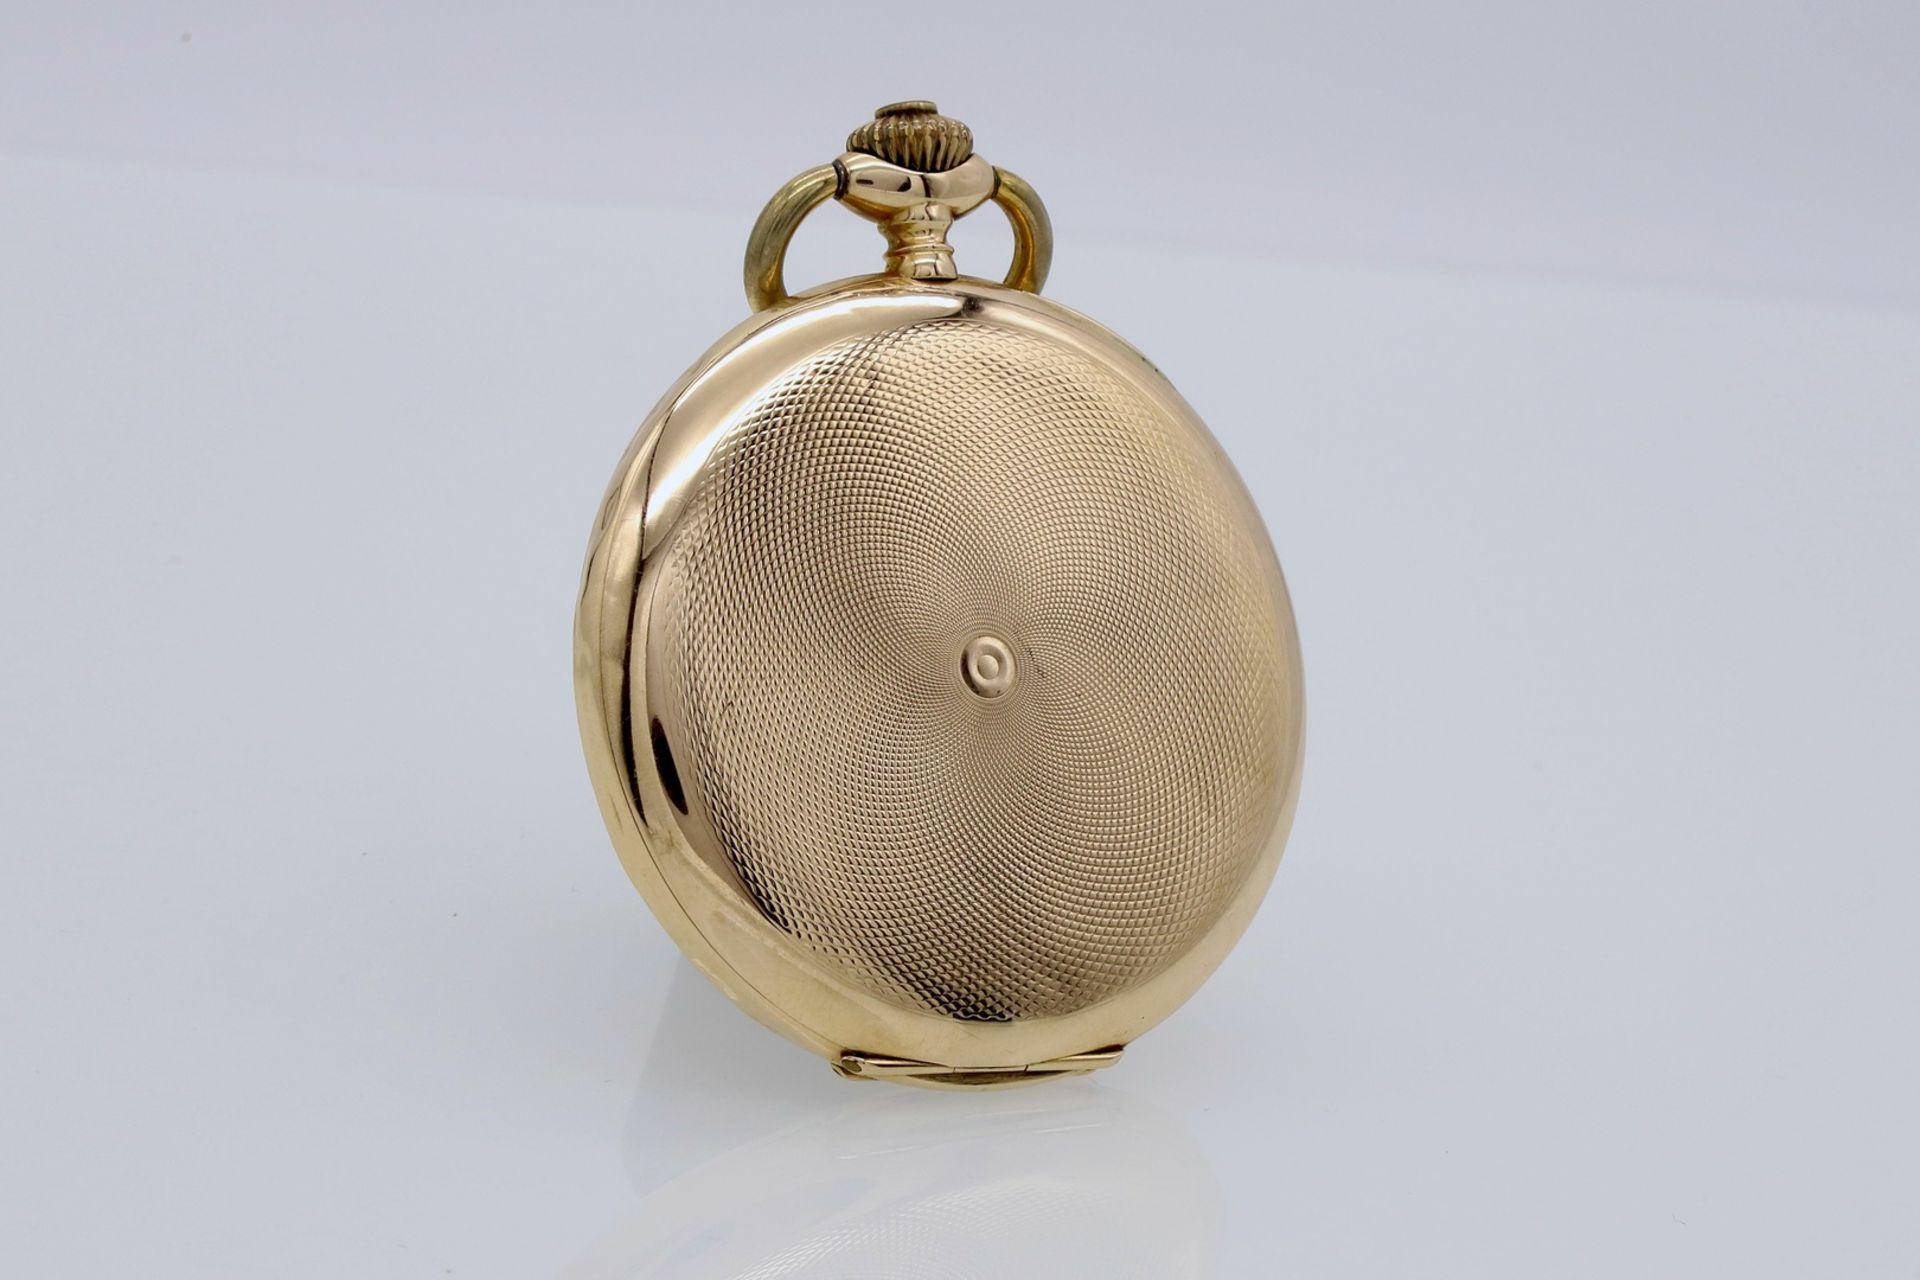 Silvana goldene Savonnette / Taschenuhr, um 1920 - Bild 3 aus 5